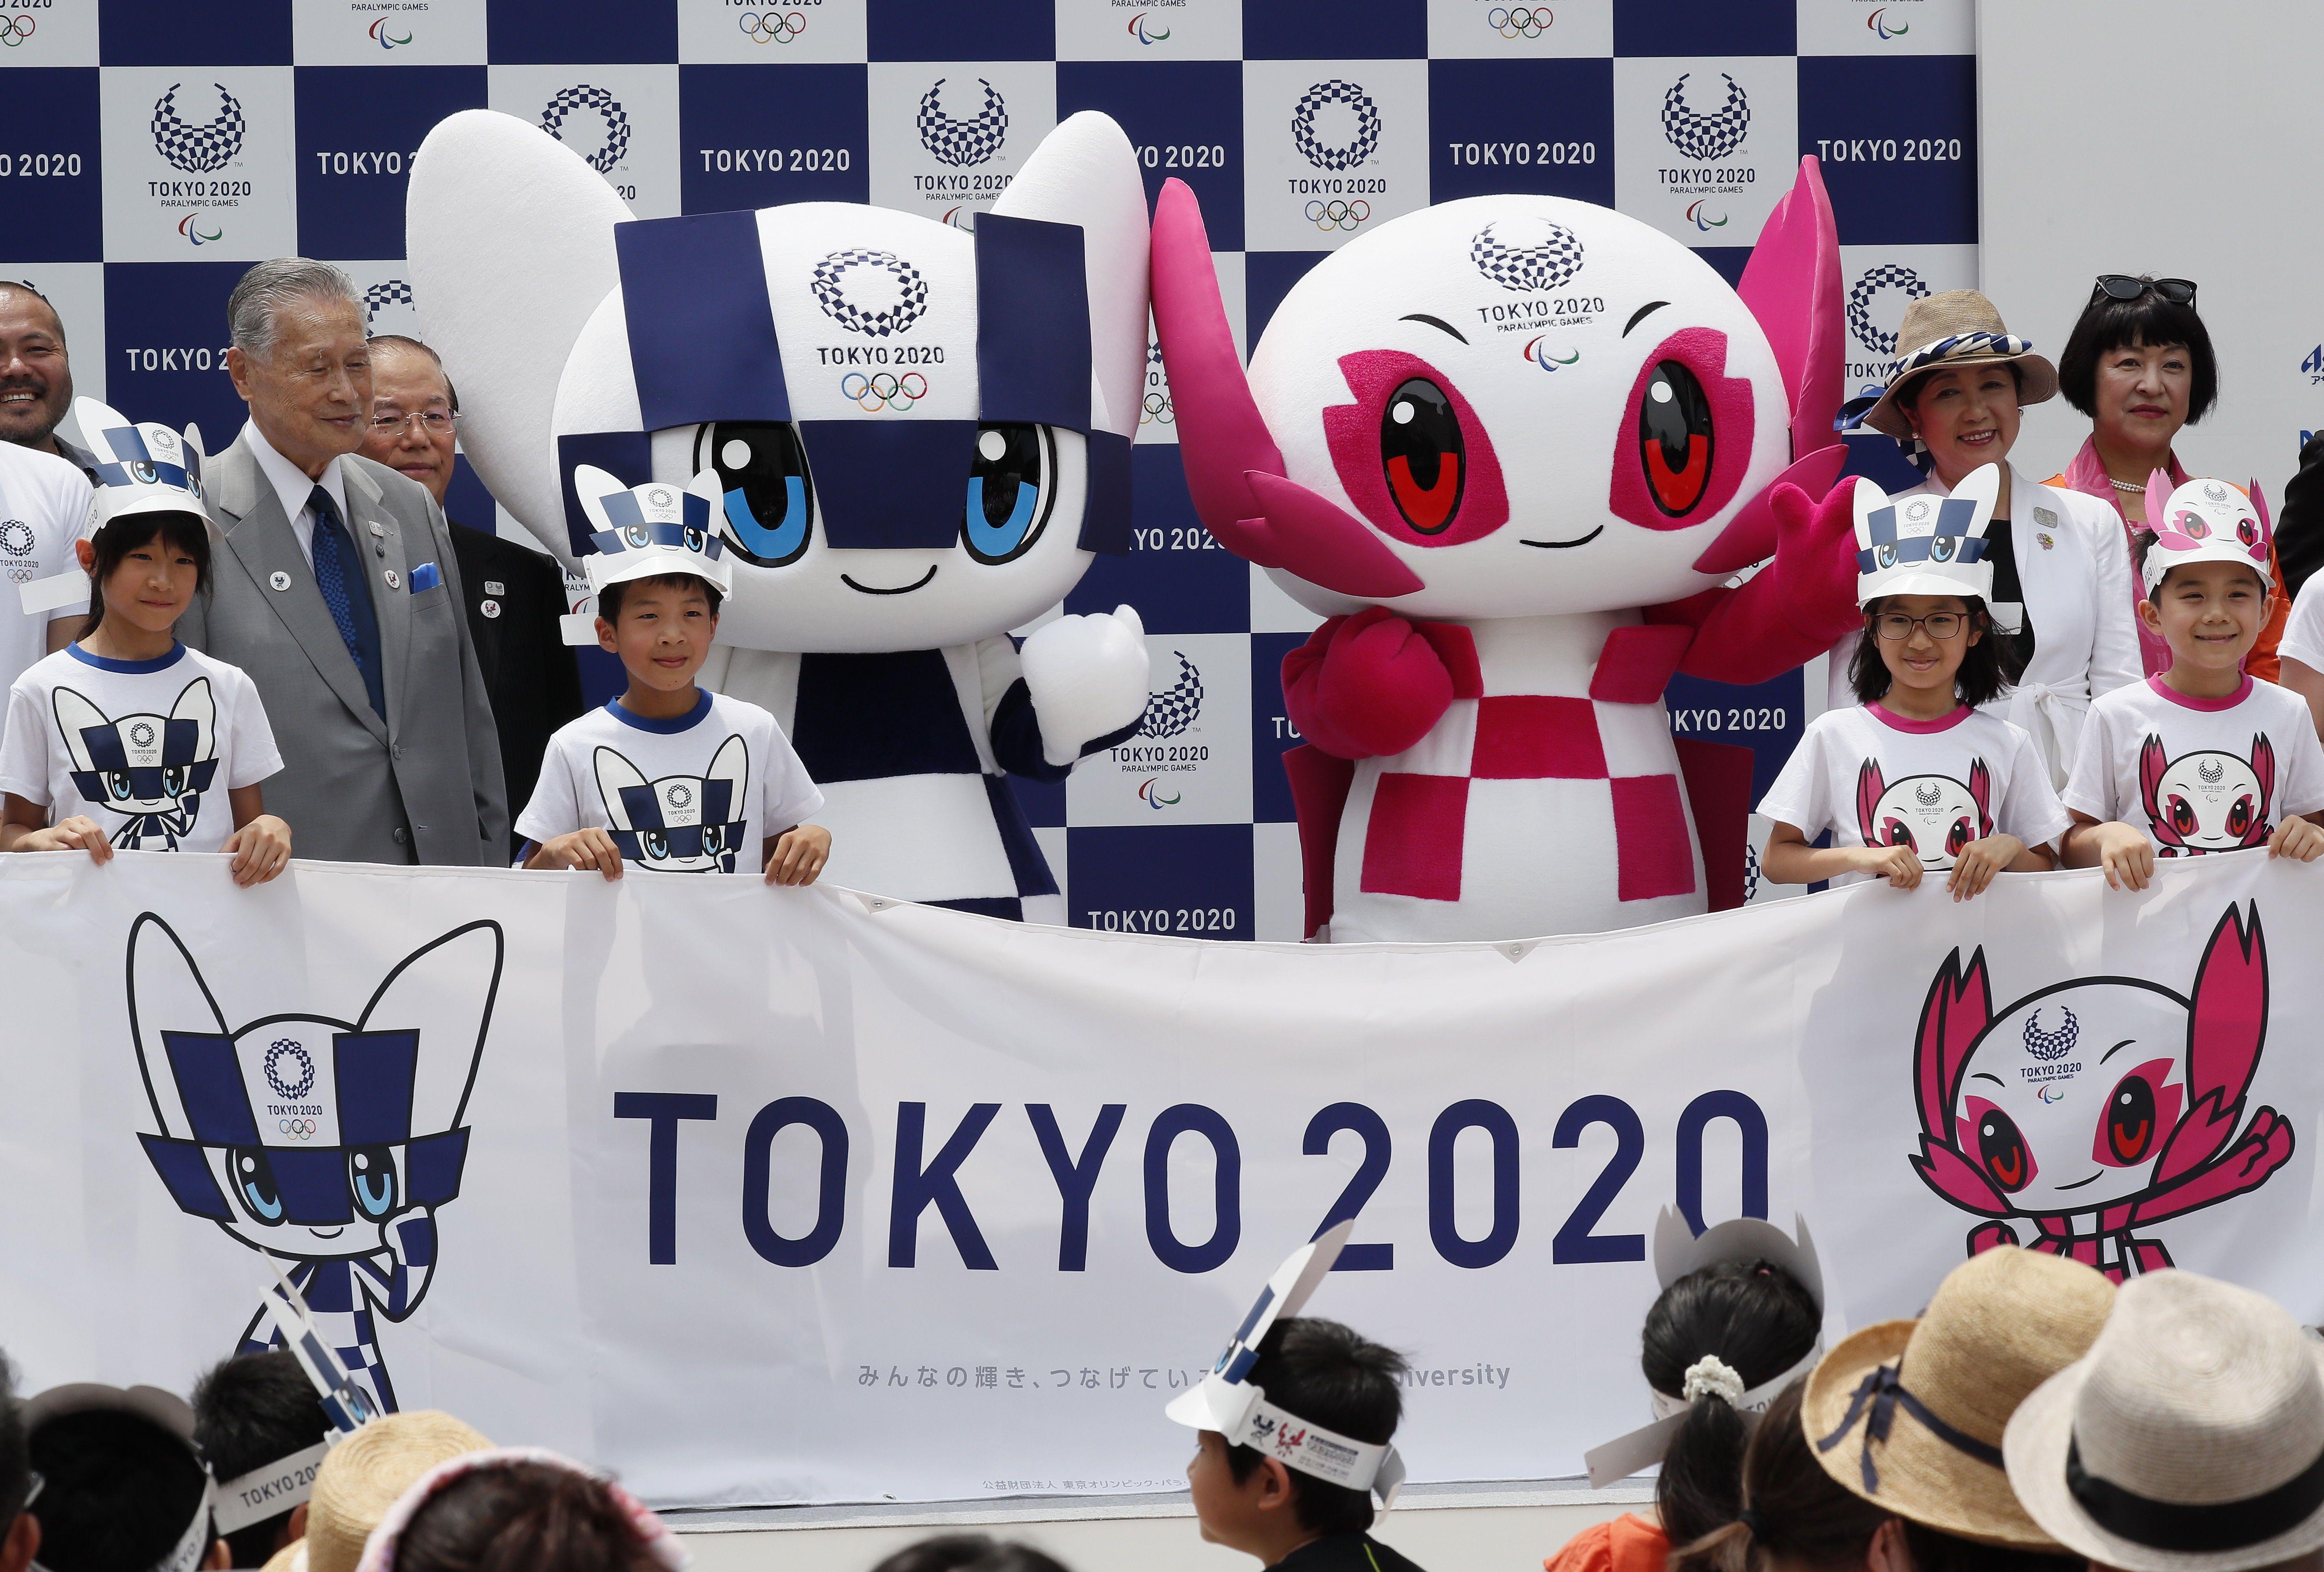 Tokio 2020 inicia la cuenta atrás a dos años exactos del comienzo de los JJOO.